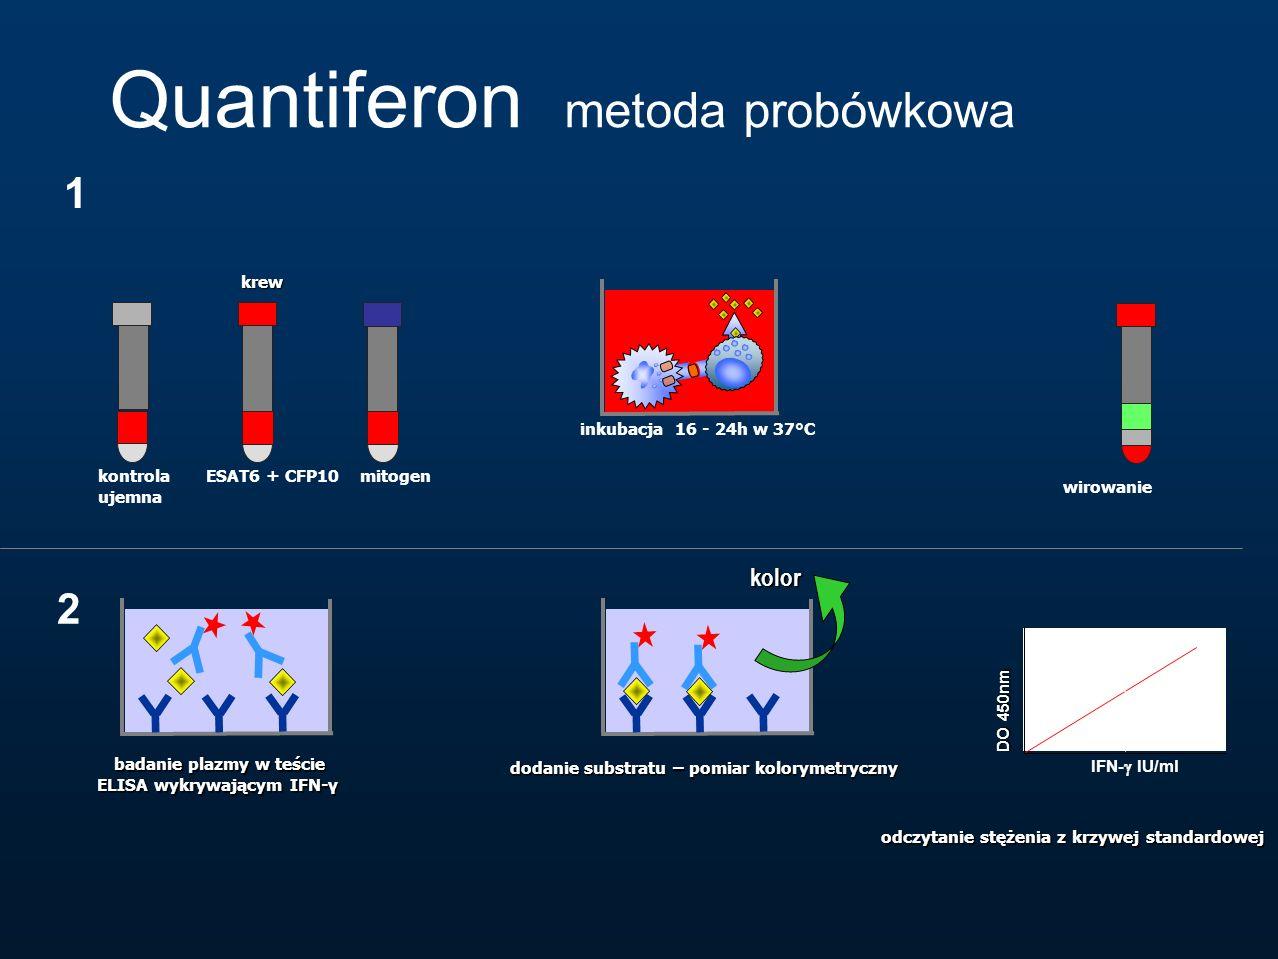 Quantiferon metoda probówkowa